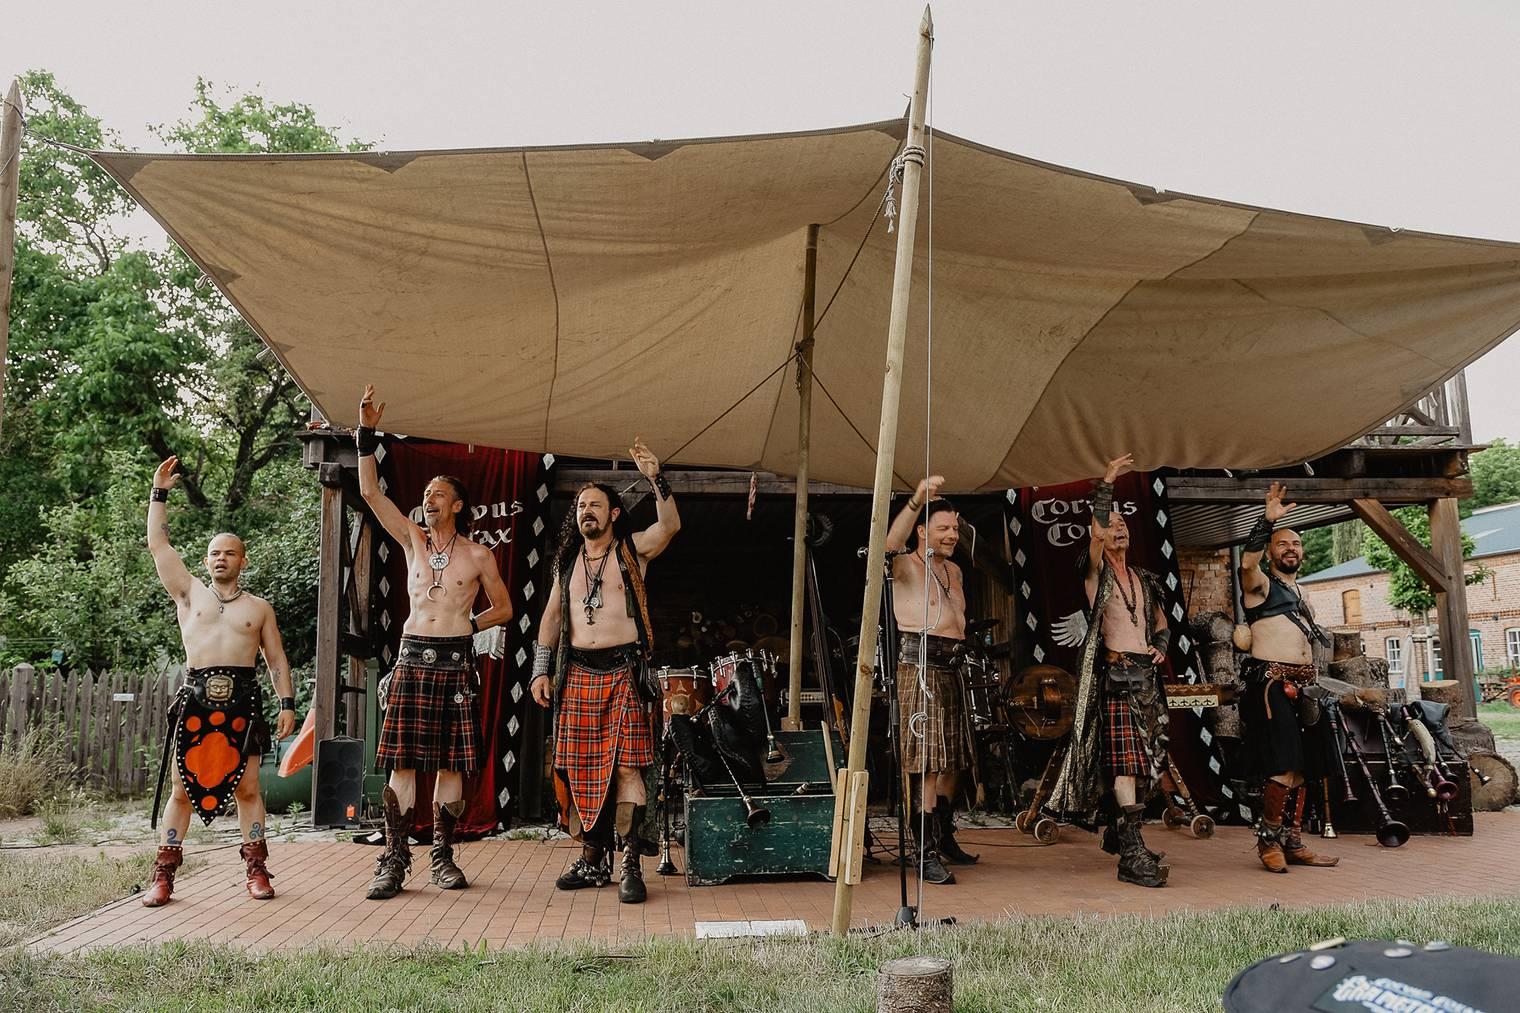 Die Band Corvus Corax spielt am Freitag- und Samstagabend.